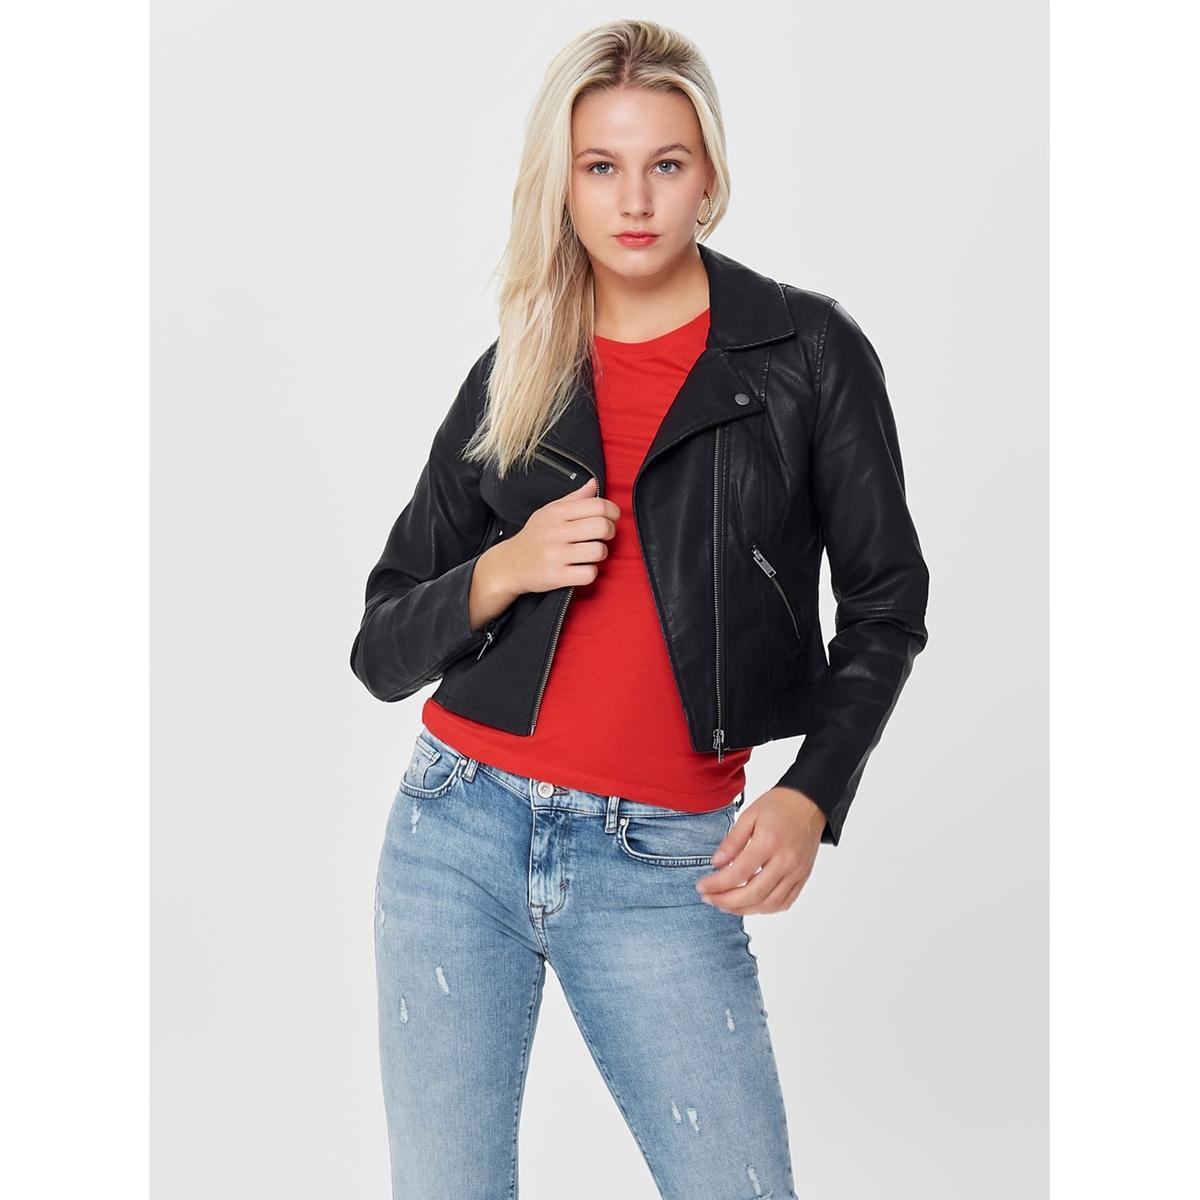 Куртка укороченная с застежкой на молнию, демисезонная куртка укороченная большого размера демисезонная модель